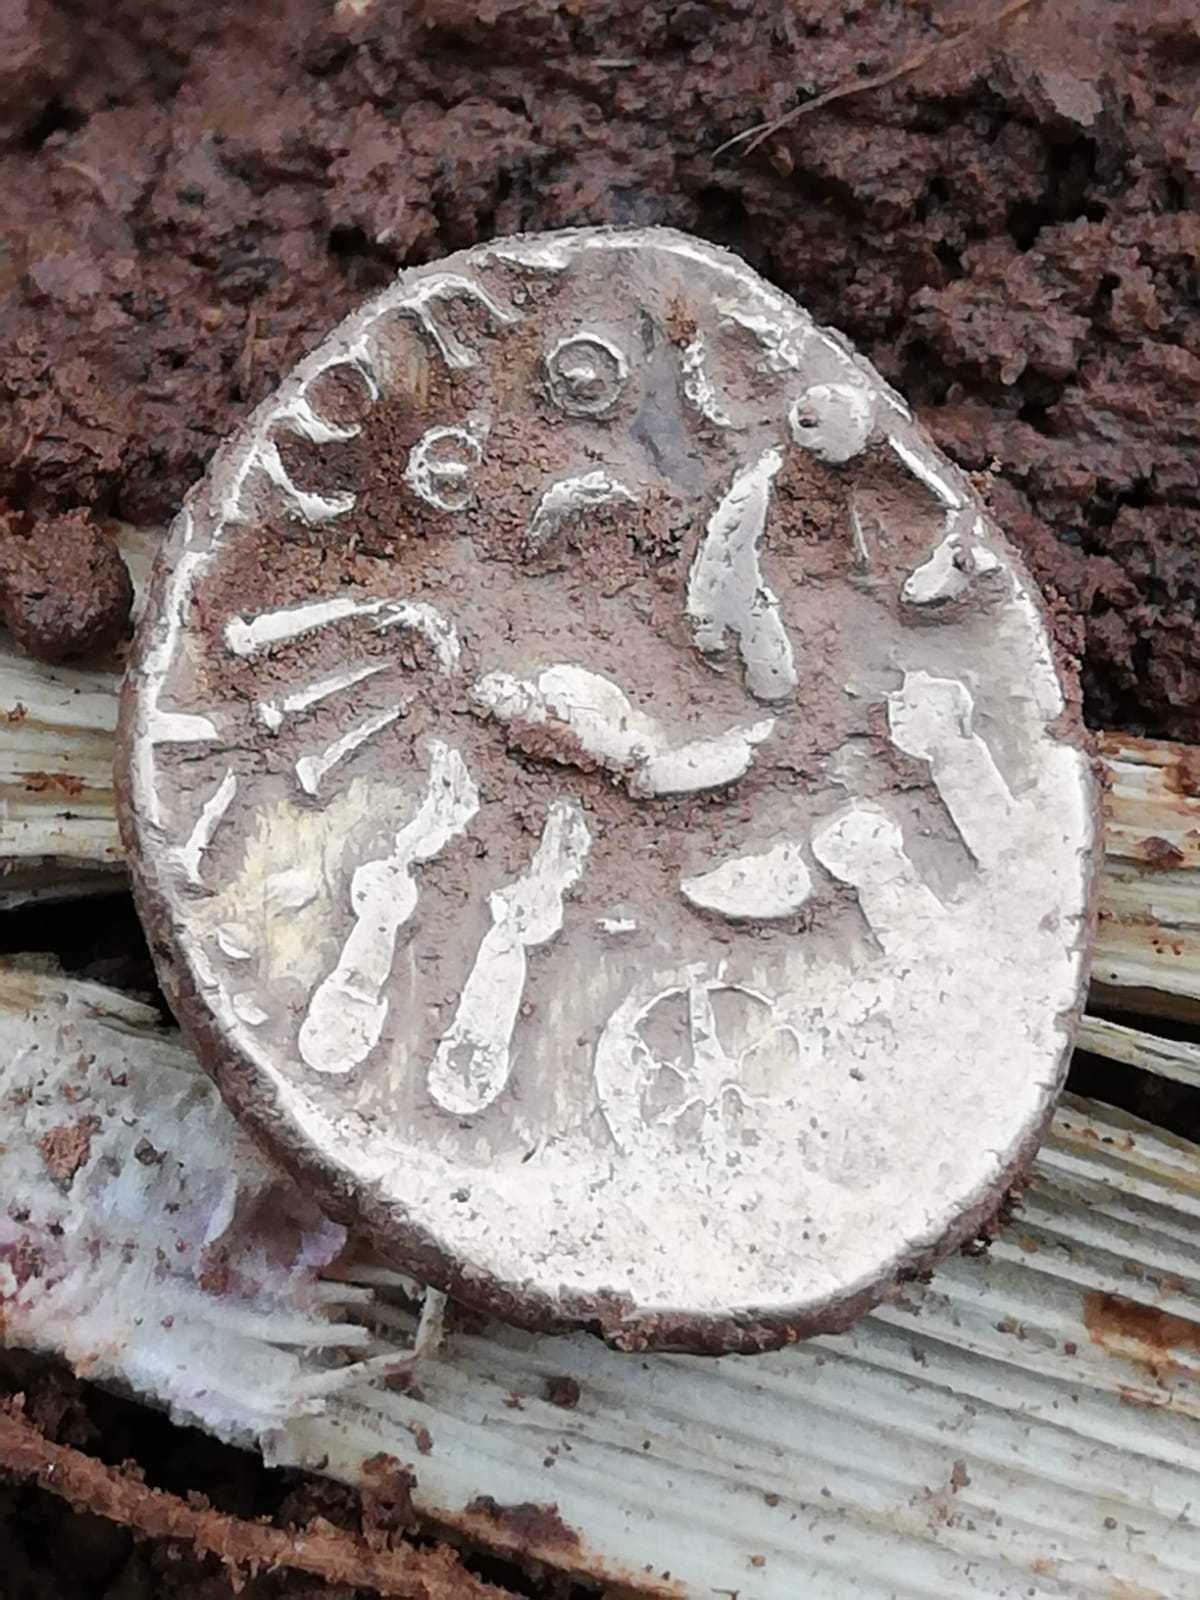 The gold corio coin